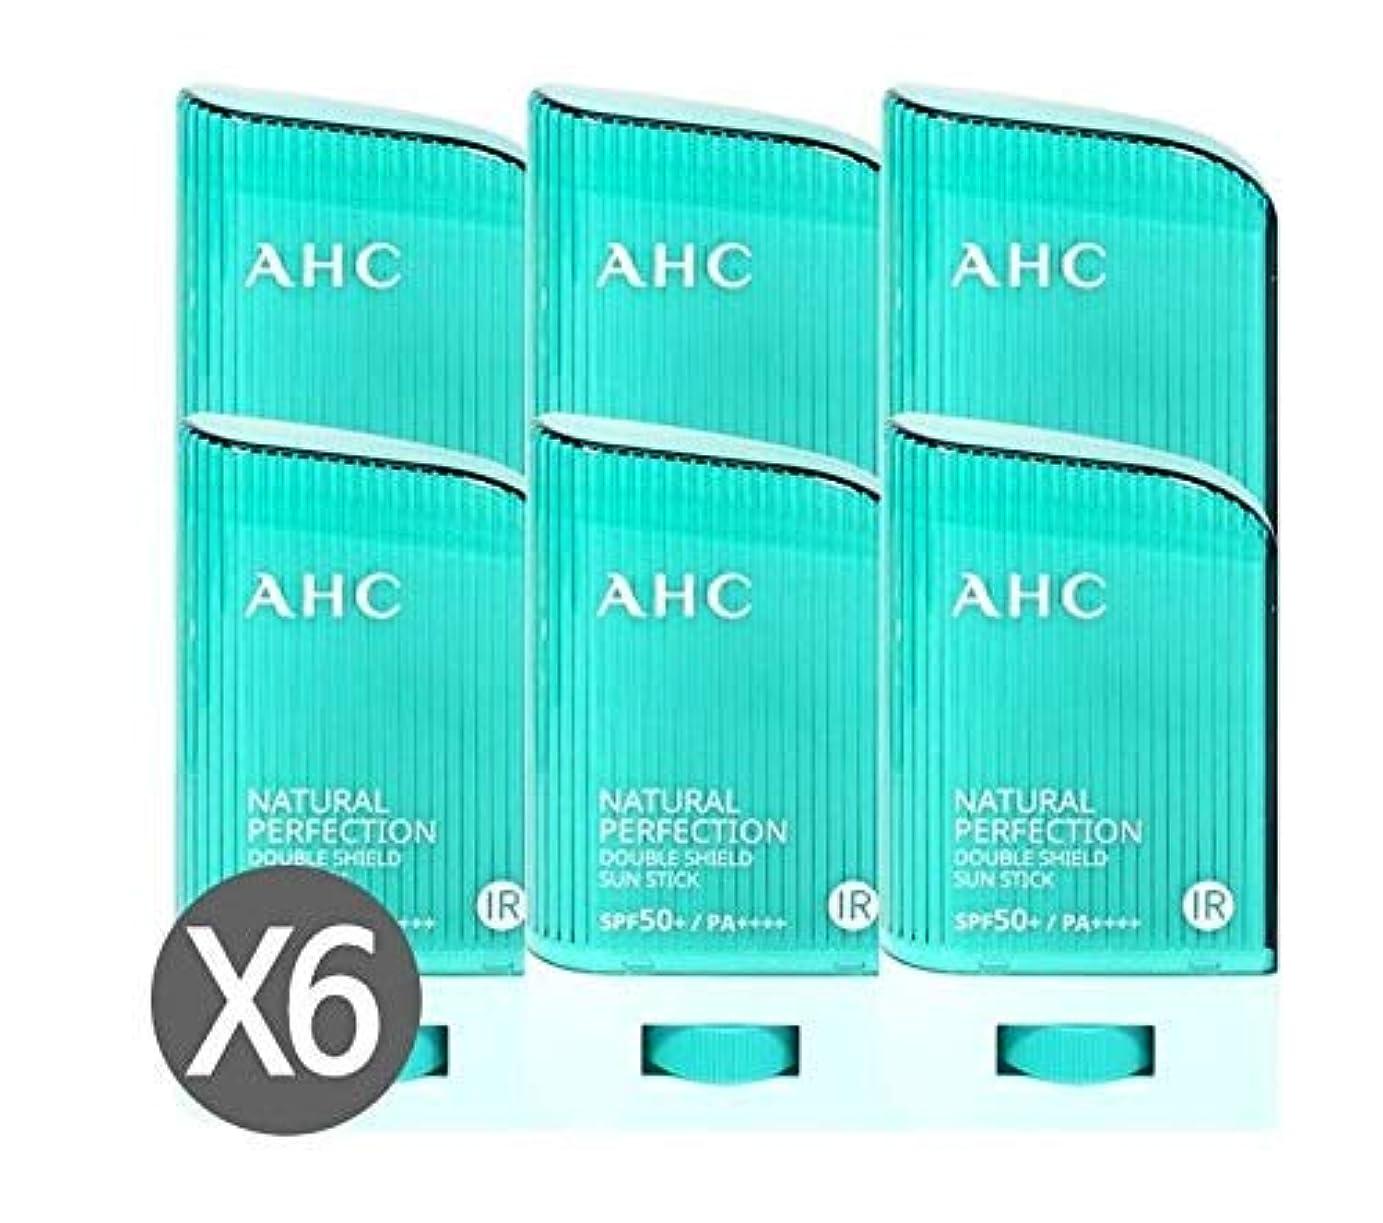 やるパニック蛇行[ 6個セット ] AHC ナチュラルパーフェクションダブルシールドサンスティック 22g, Natural Perfection Double Shield Sun Stick SPF50+ PA++++